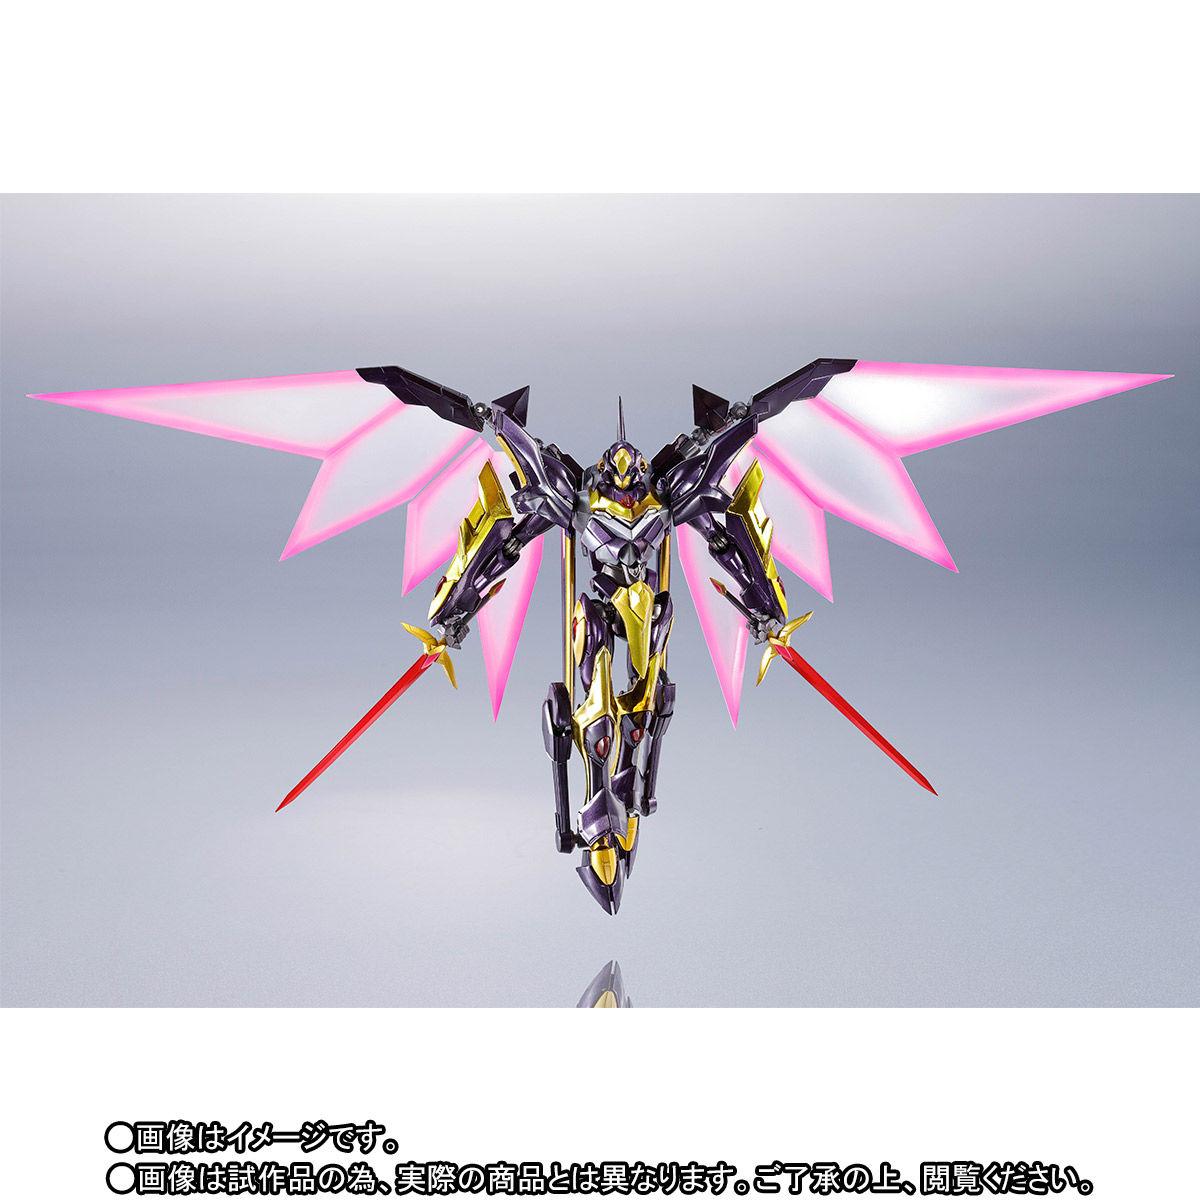 【先着販売】METAL ROBOT魂〈SIDE KMF〉『ランスロット・アルビオン ゼロ』コードギアス 可動フィギュア